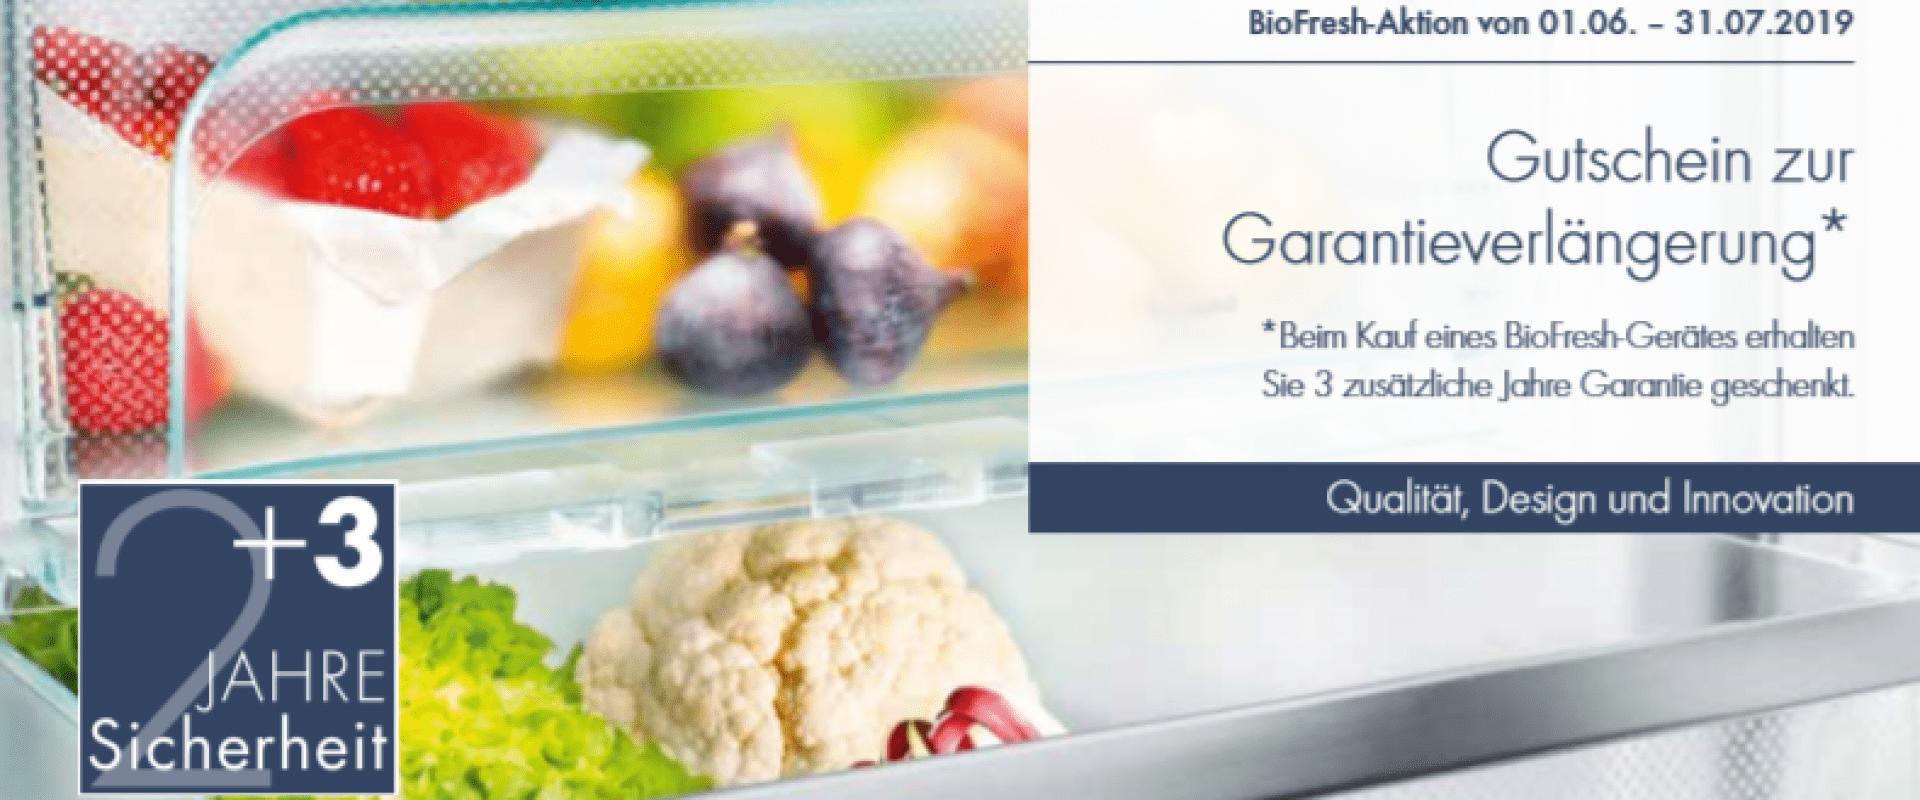 BioFresh-Aktion 2019: Superlange Frische inklusive 5 Jahre Garantie GRATIS